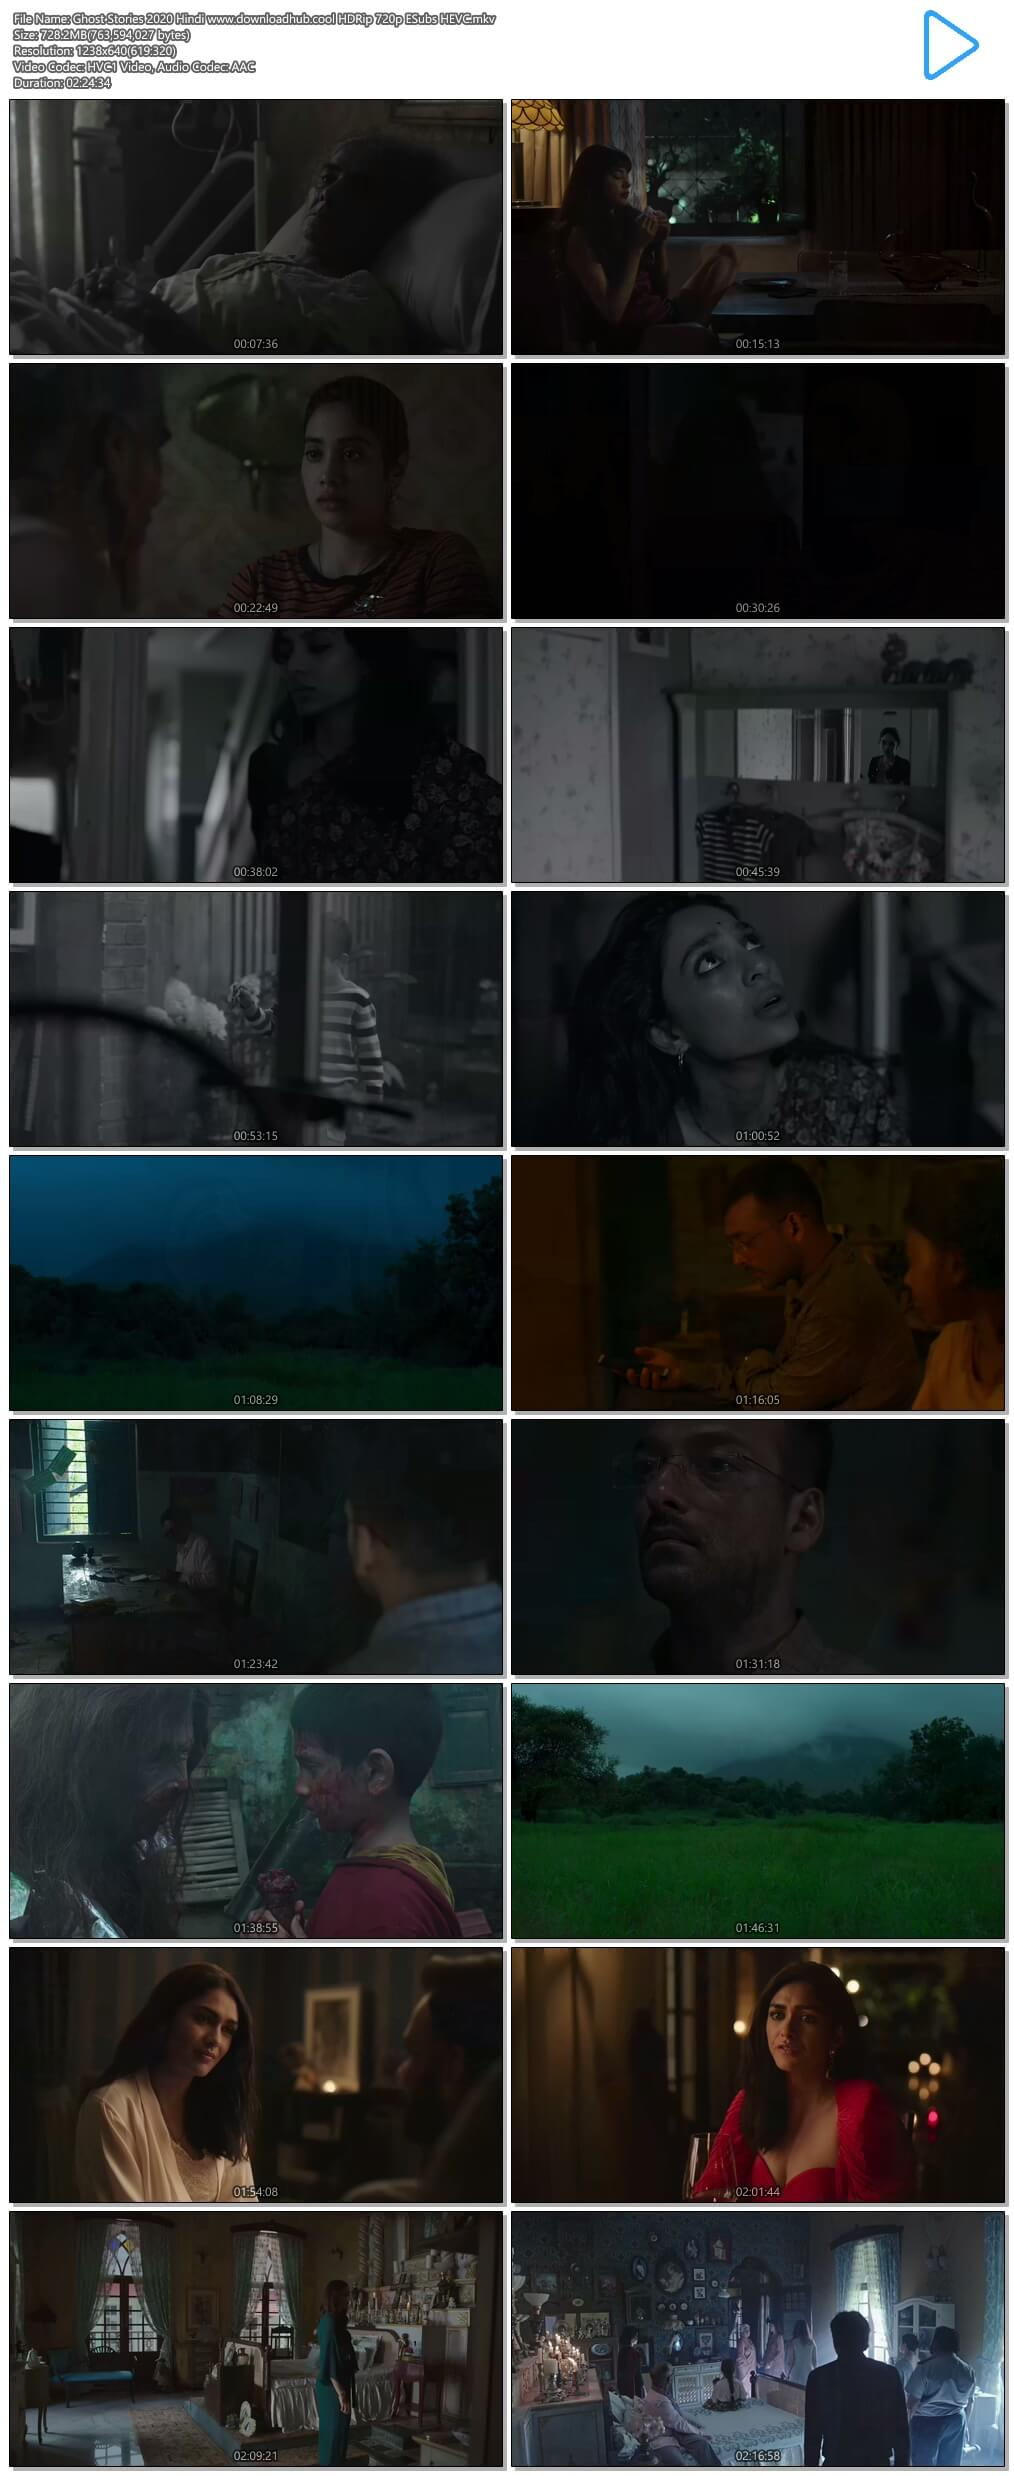 Ghost Stories 2020 Hindi 700MB HDRip 720p ESubs HEVC